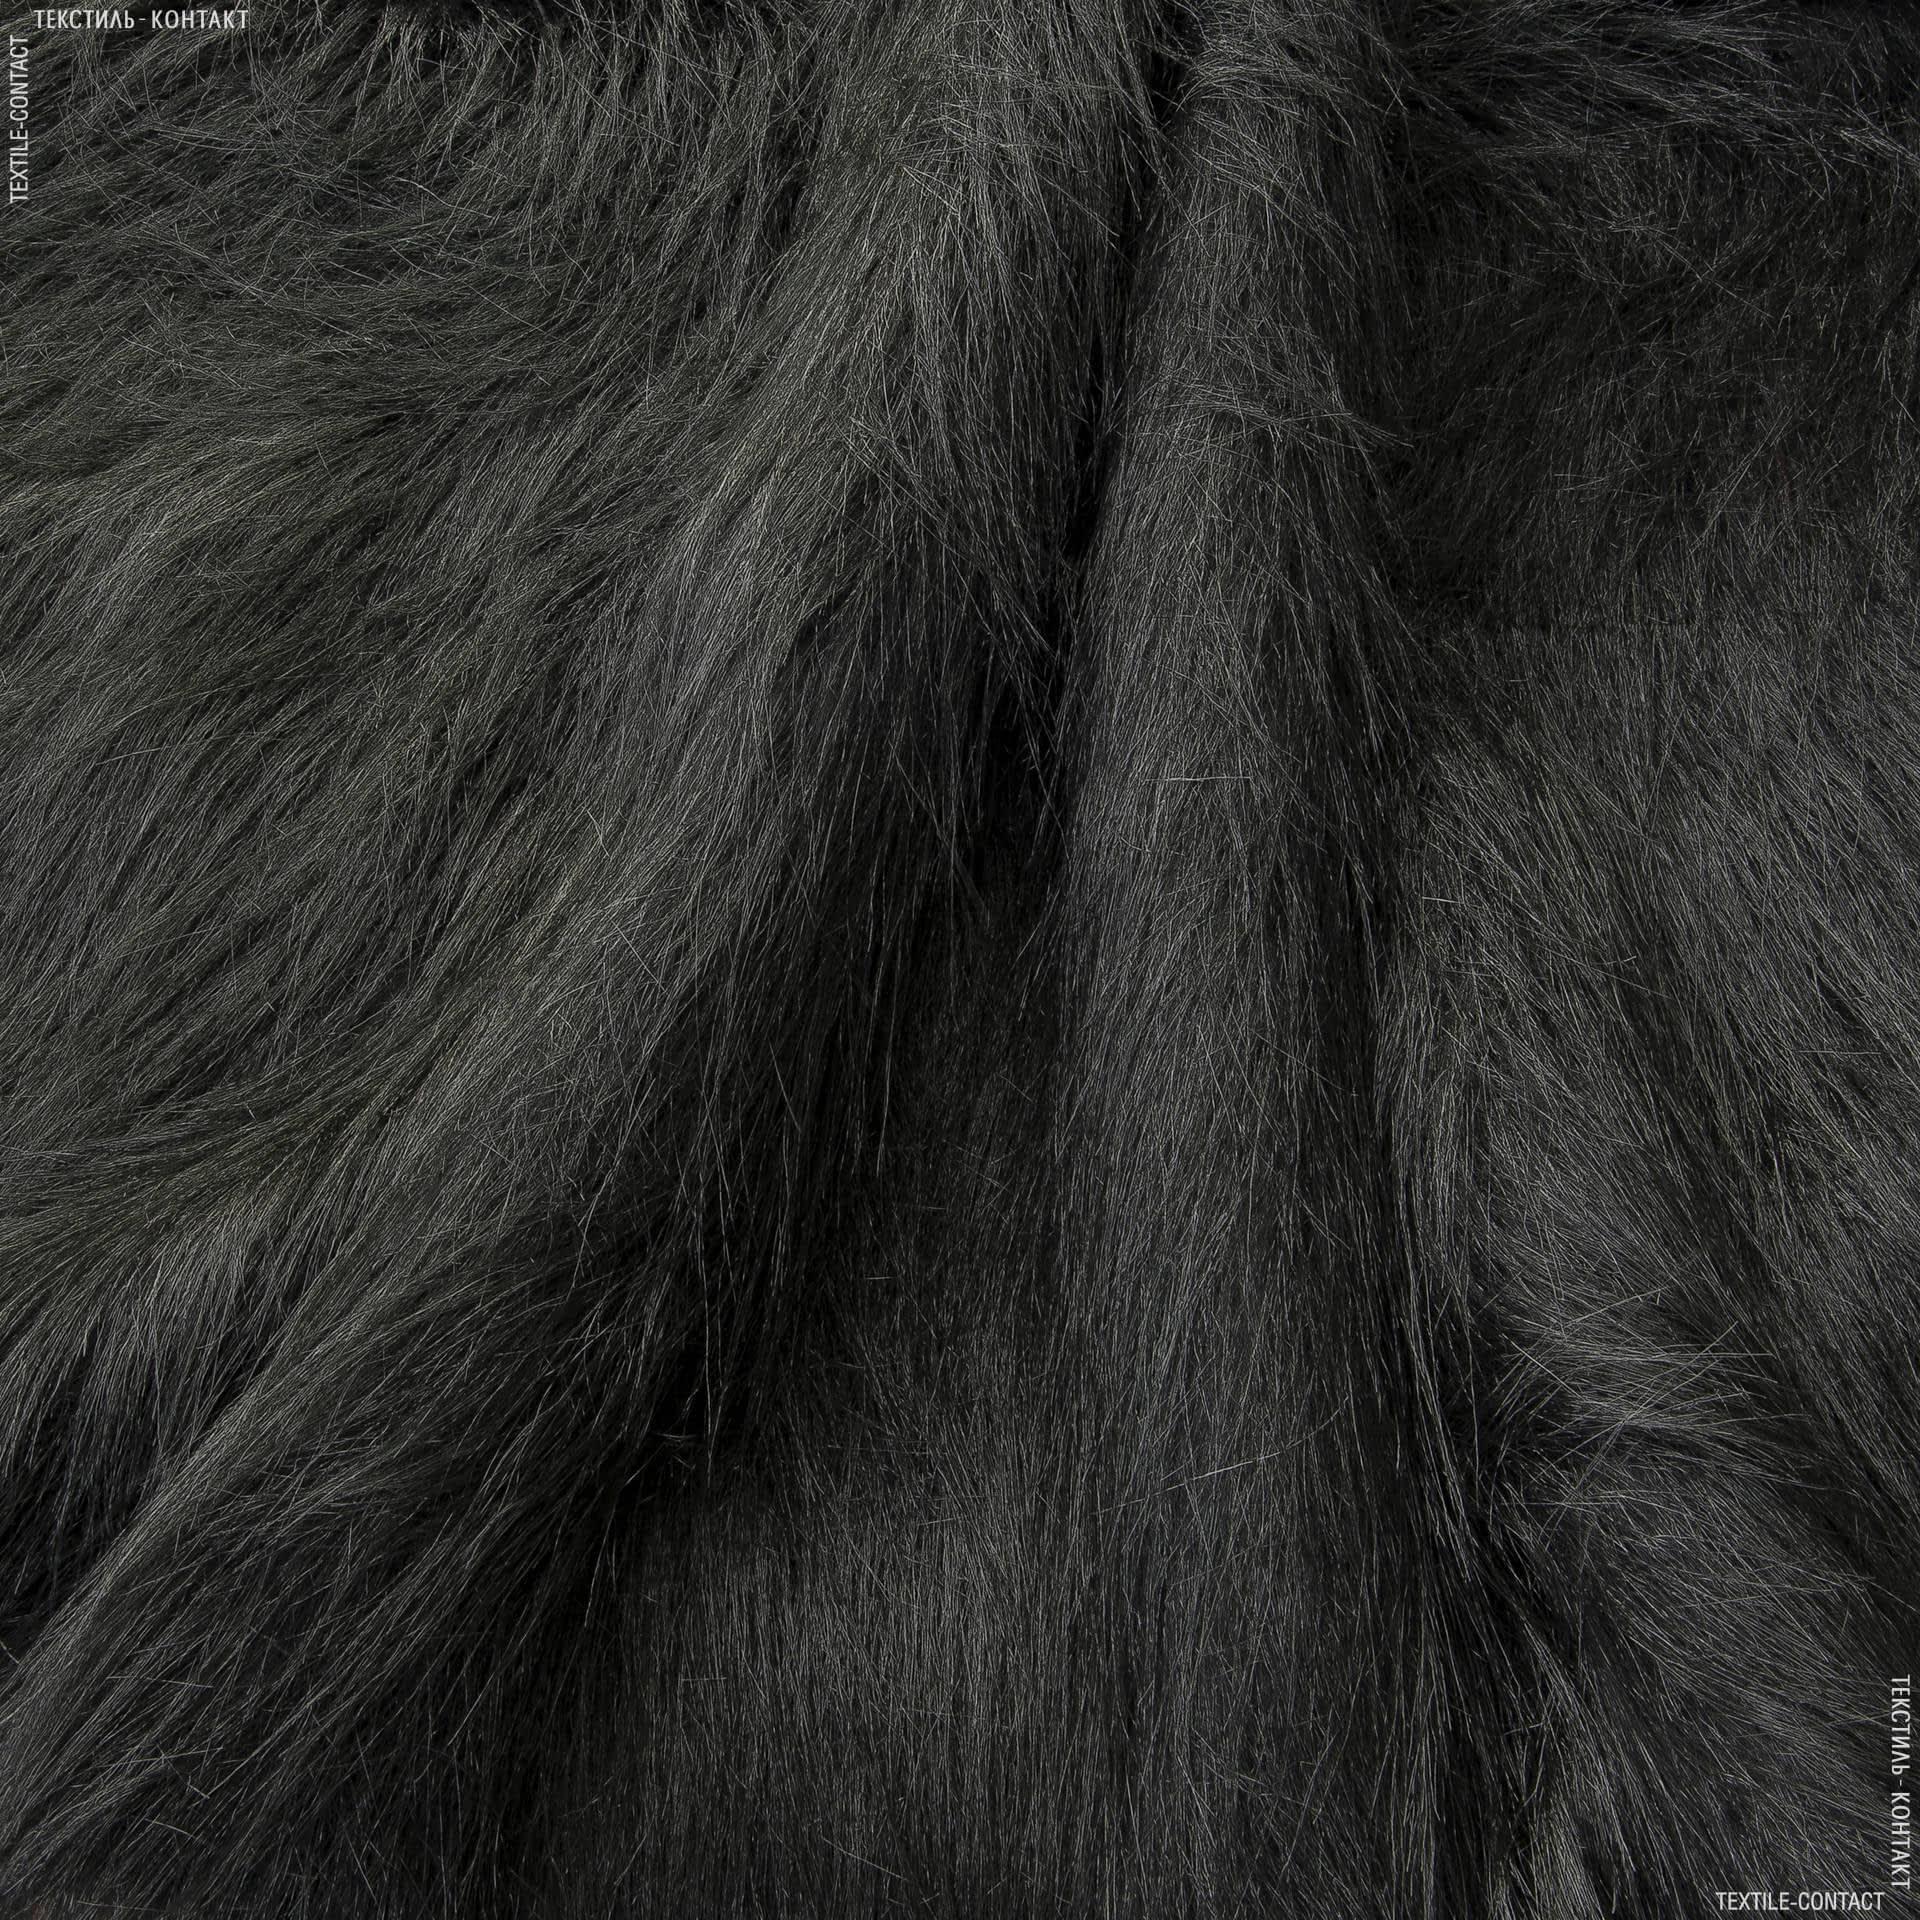 Ткани для верхней одежды - Мех длинноворсовый черный